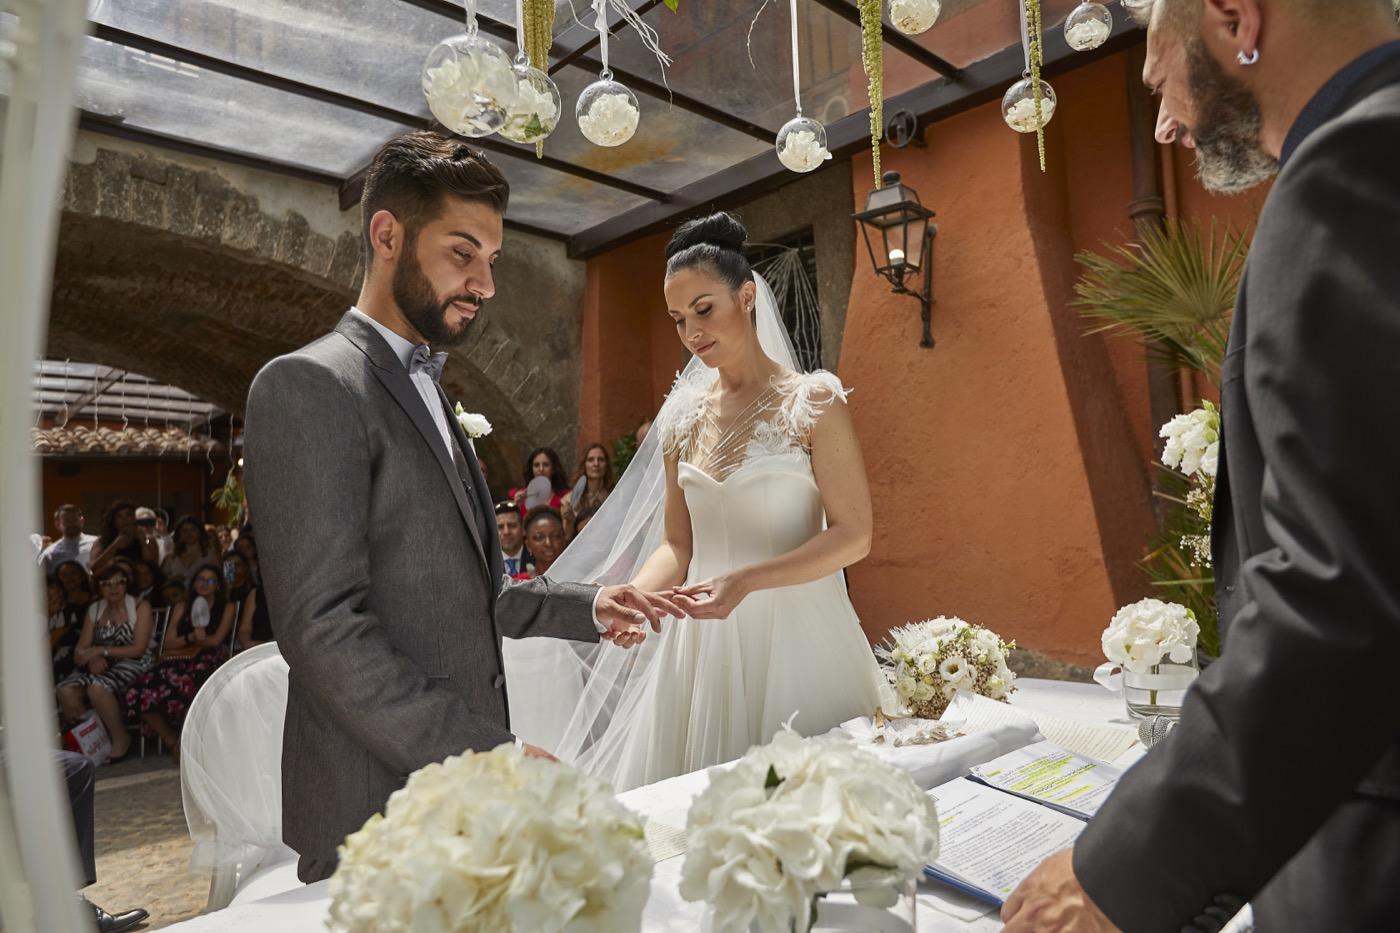 Claudio-Coppola-wedding-photographer-villa-del-cardinale-rocca-di-papa-castel-gandolfo-40